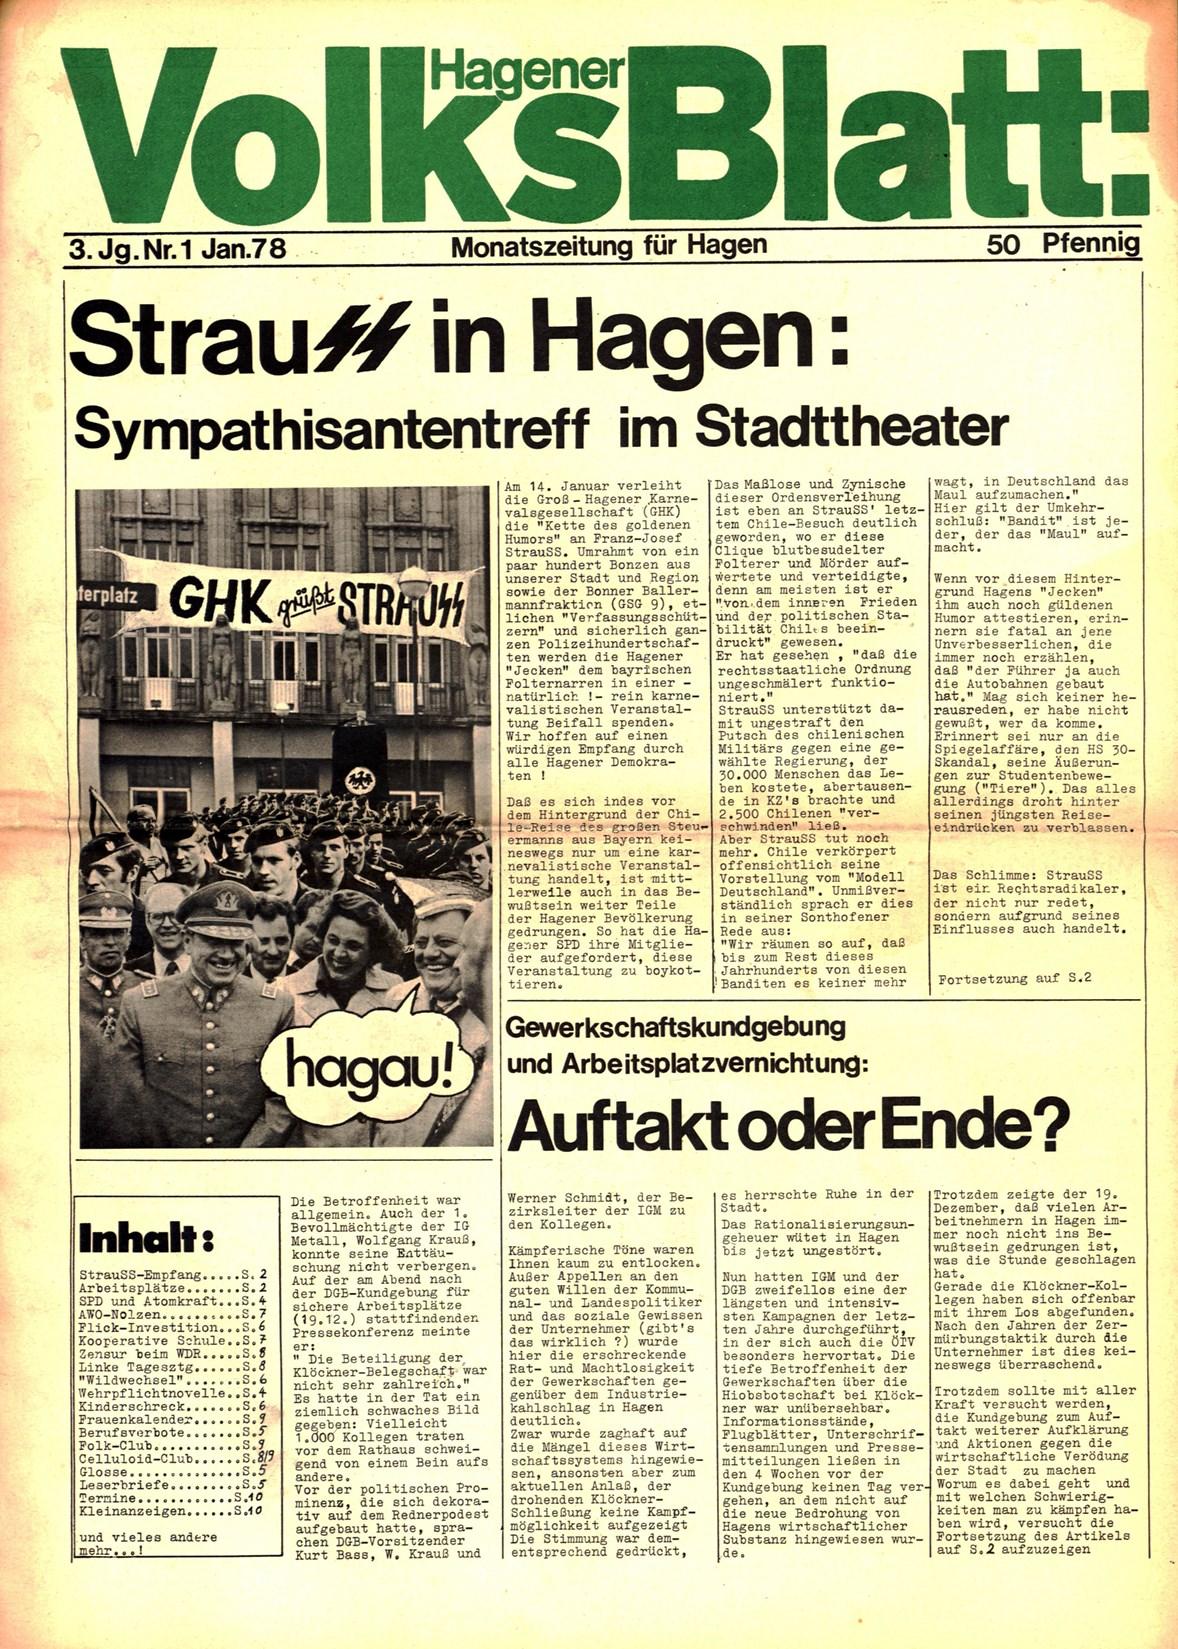 Hagen_Volksblatt_19780100_01